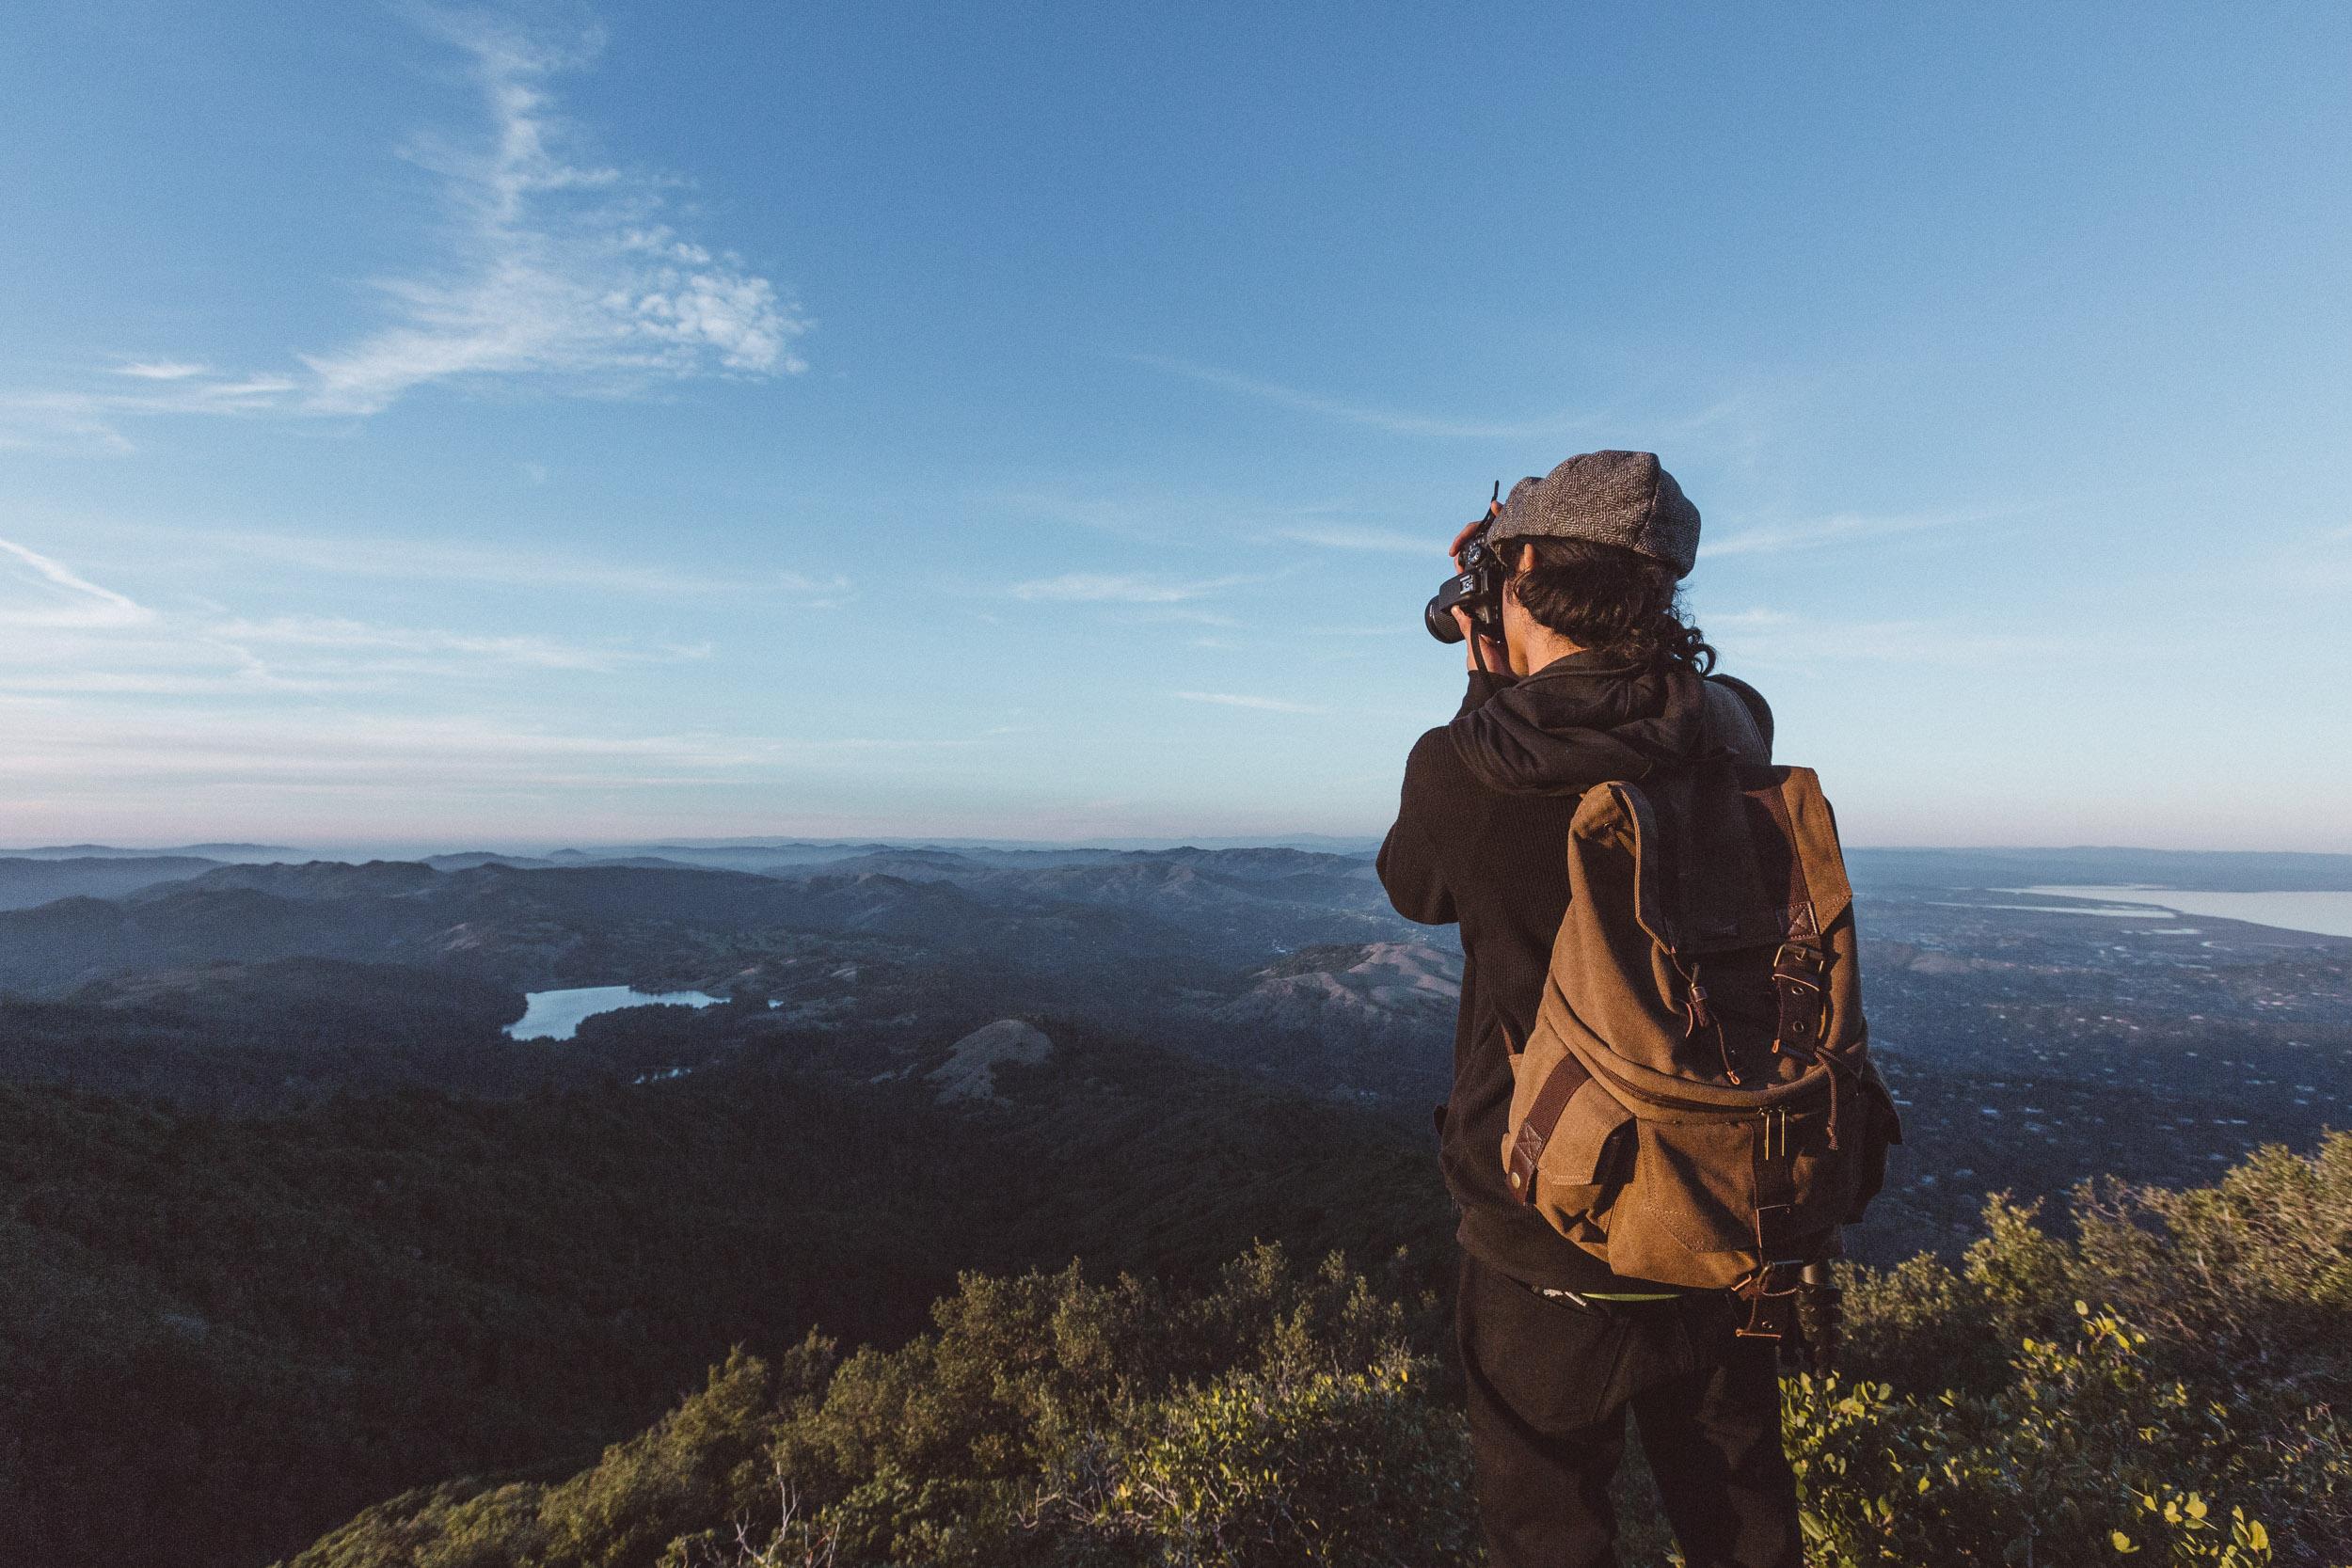 mount-tamalpais-east-peak-vista-hike-and-shoot-1.jpg